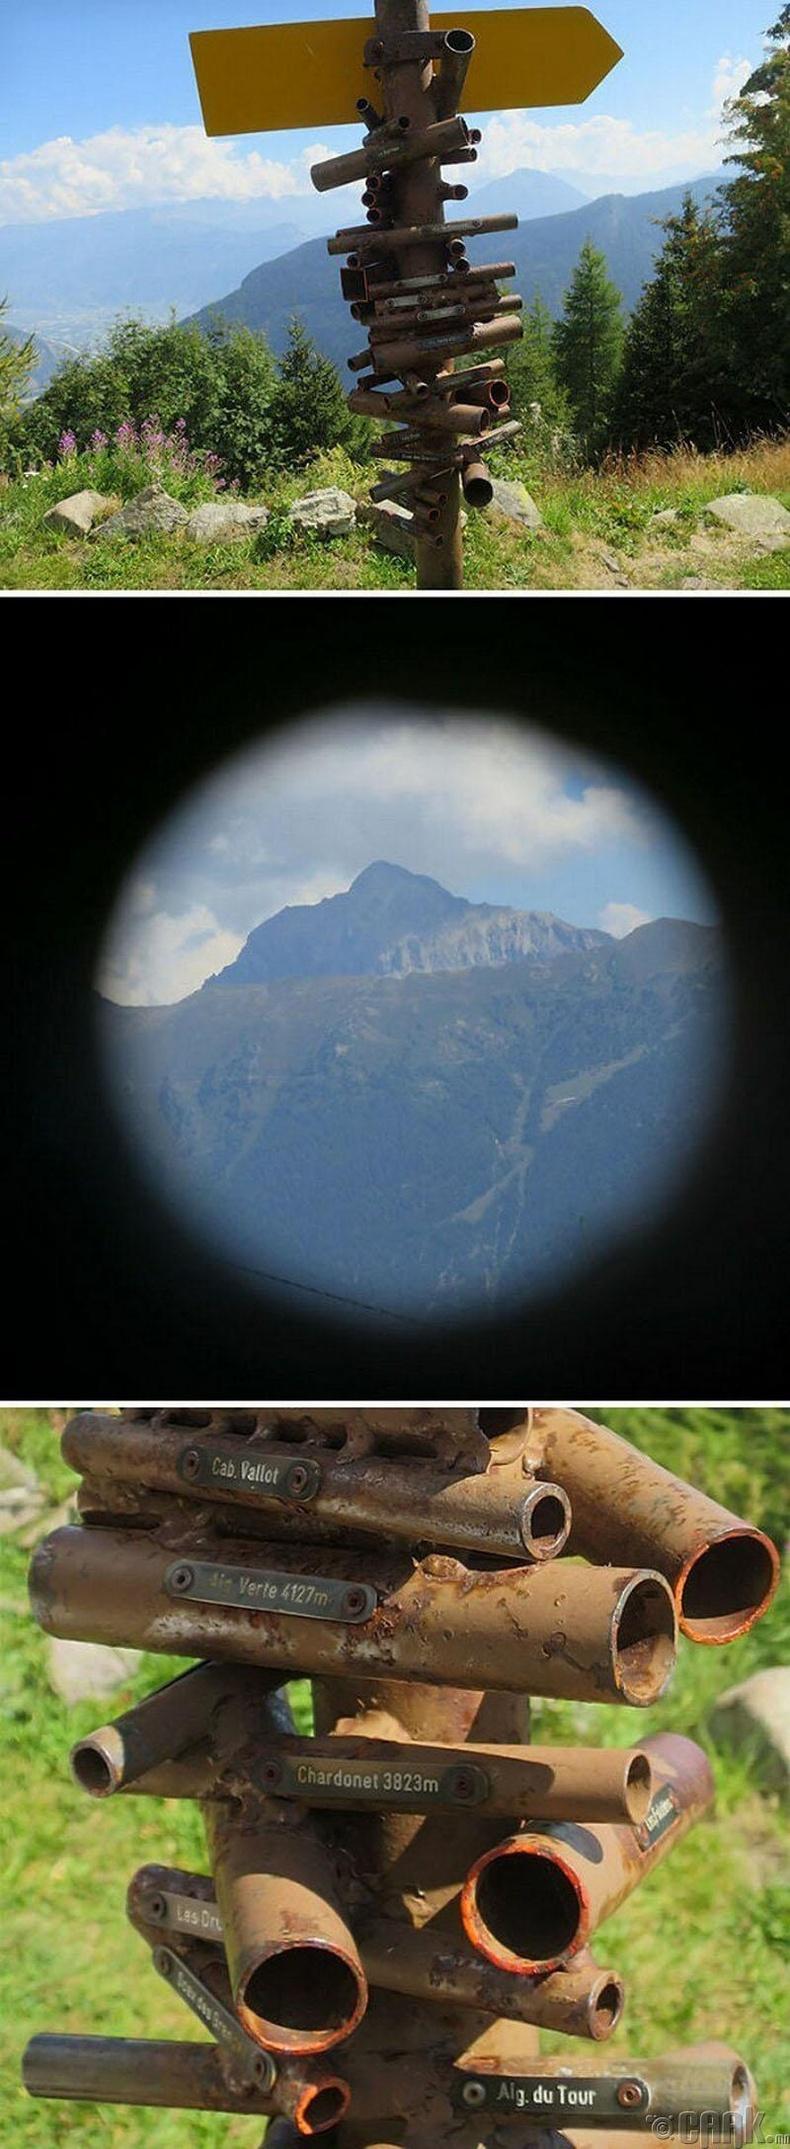 Труба бүр танд Швейцарийн уулсын хамгийн үзэсгэлэнтэй хэсгүүдийг харуулна